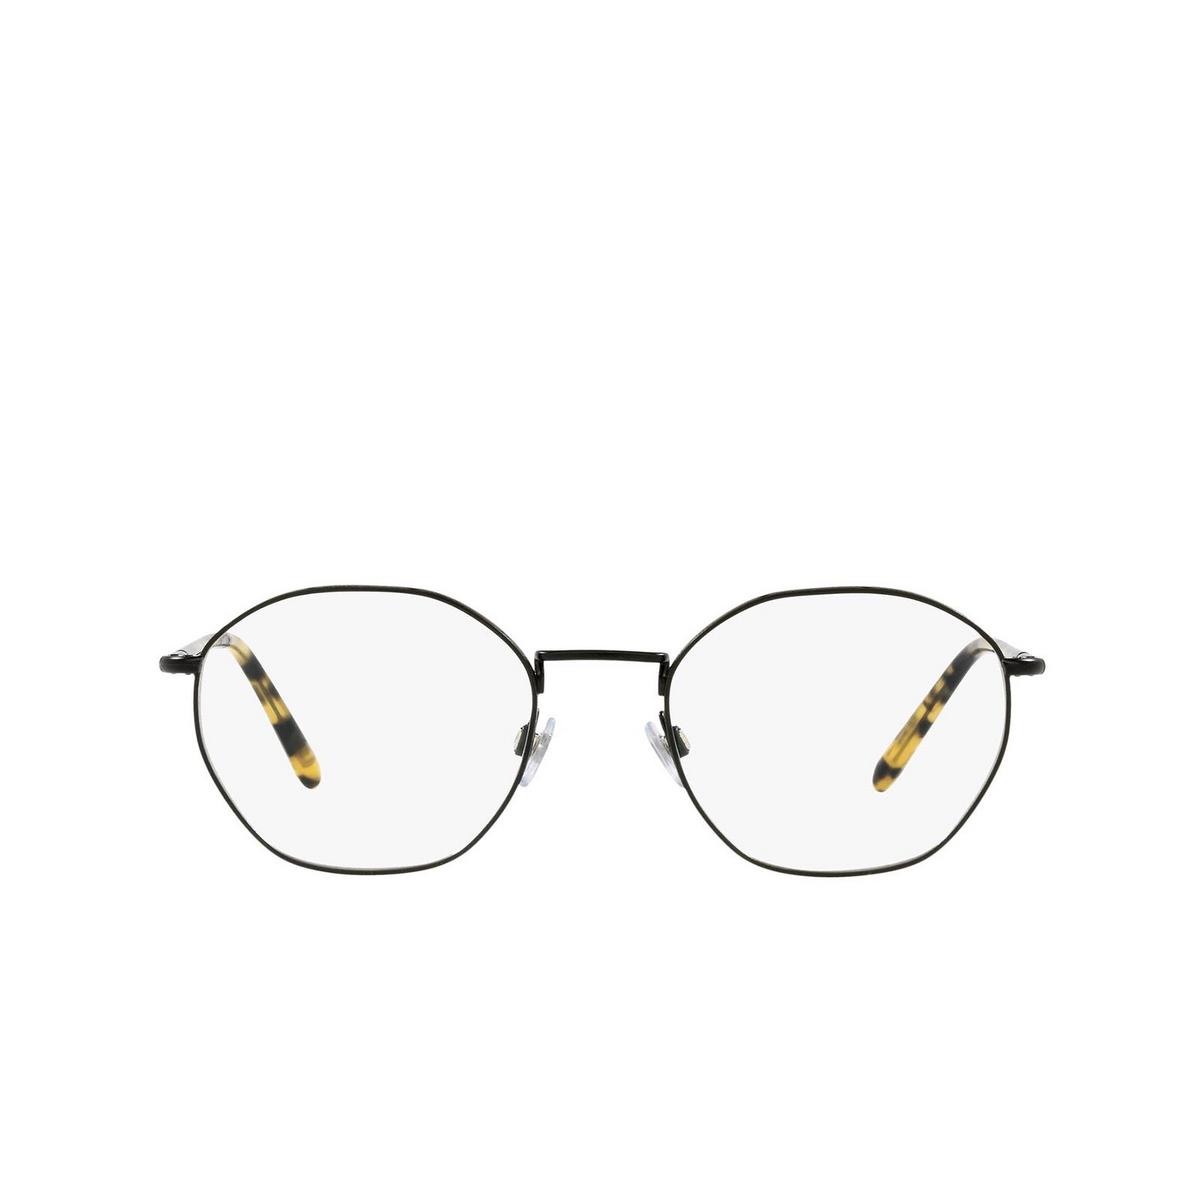 Giorgio Armani® Square Eyeglasses: AR5107 color Matte Black 3001 - front view.